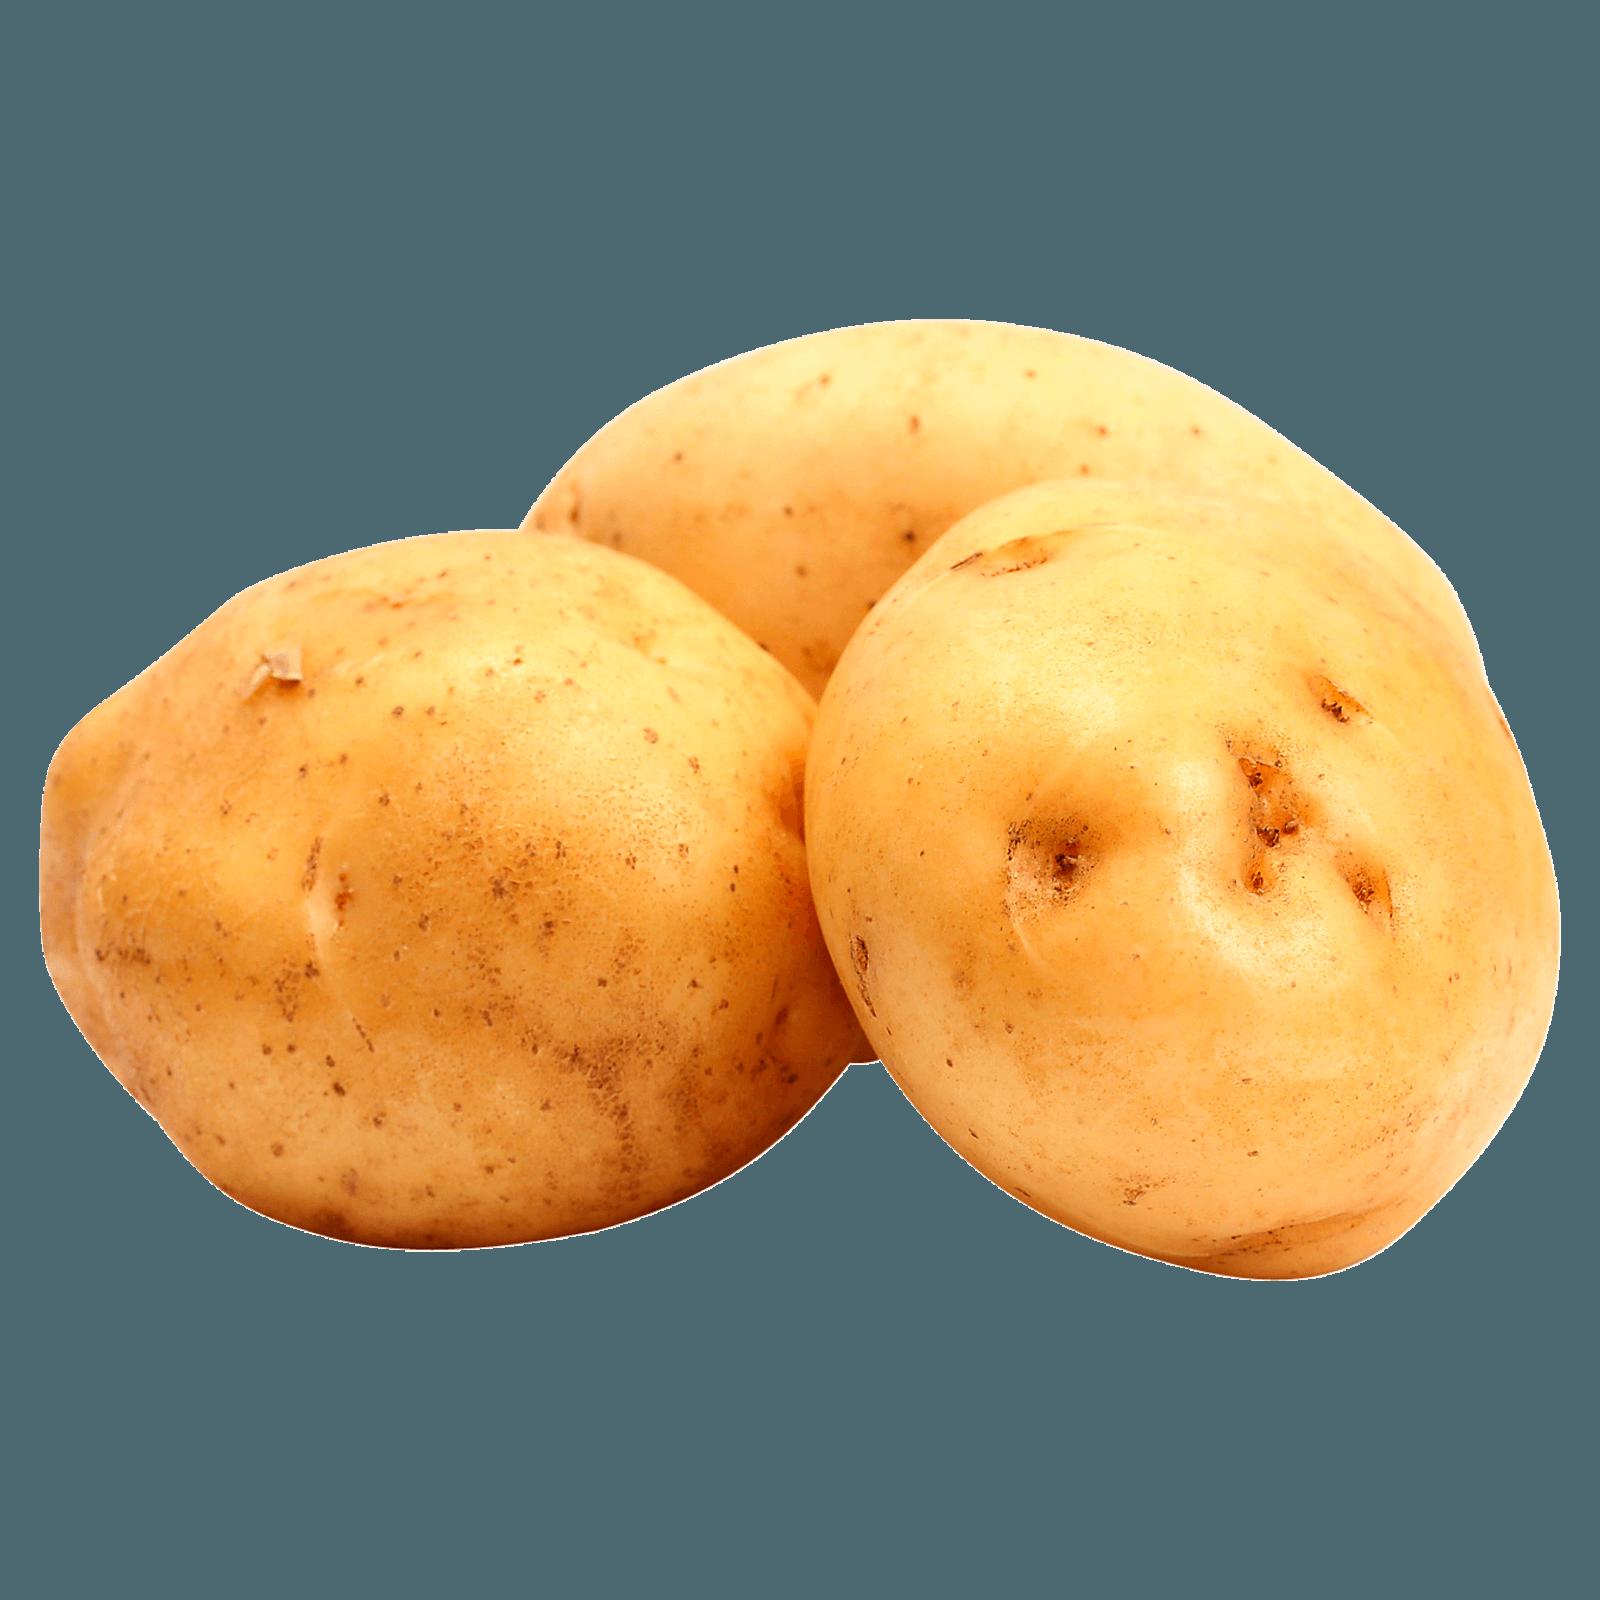 REWE Regional Speisekartoffeln vorwiegend festkochend 2,5kg